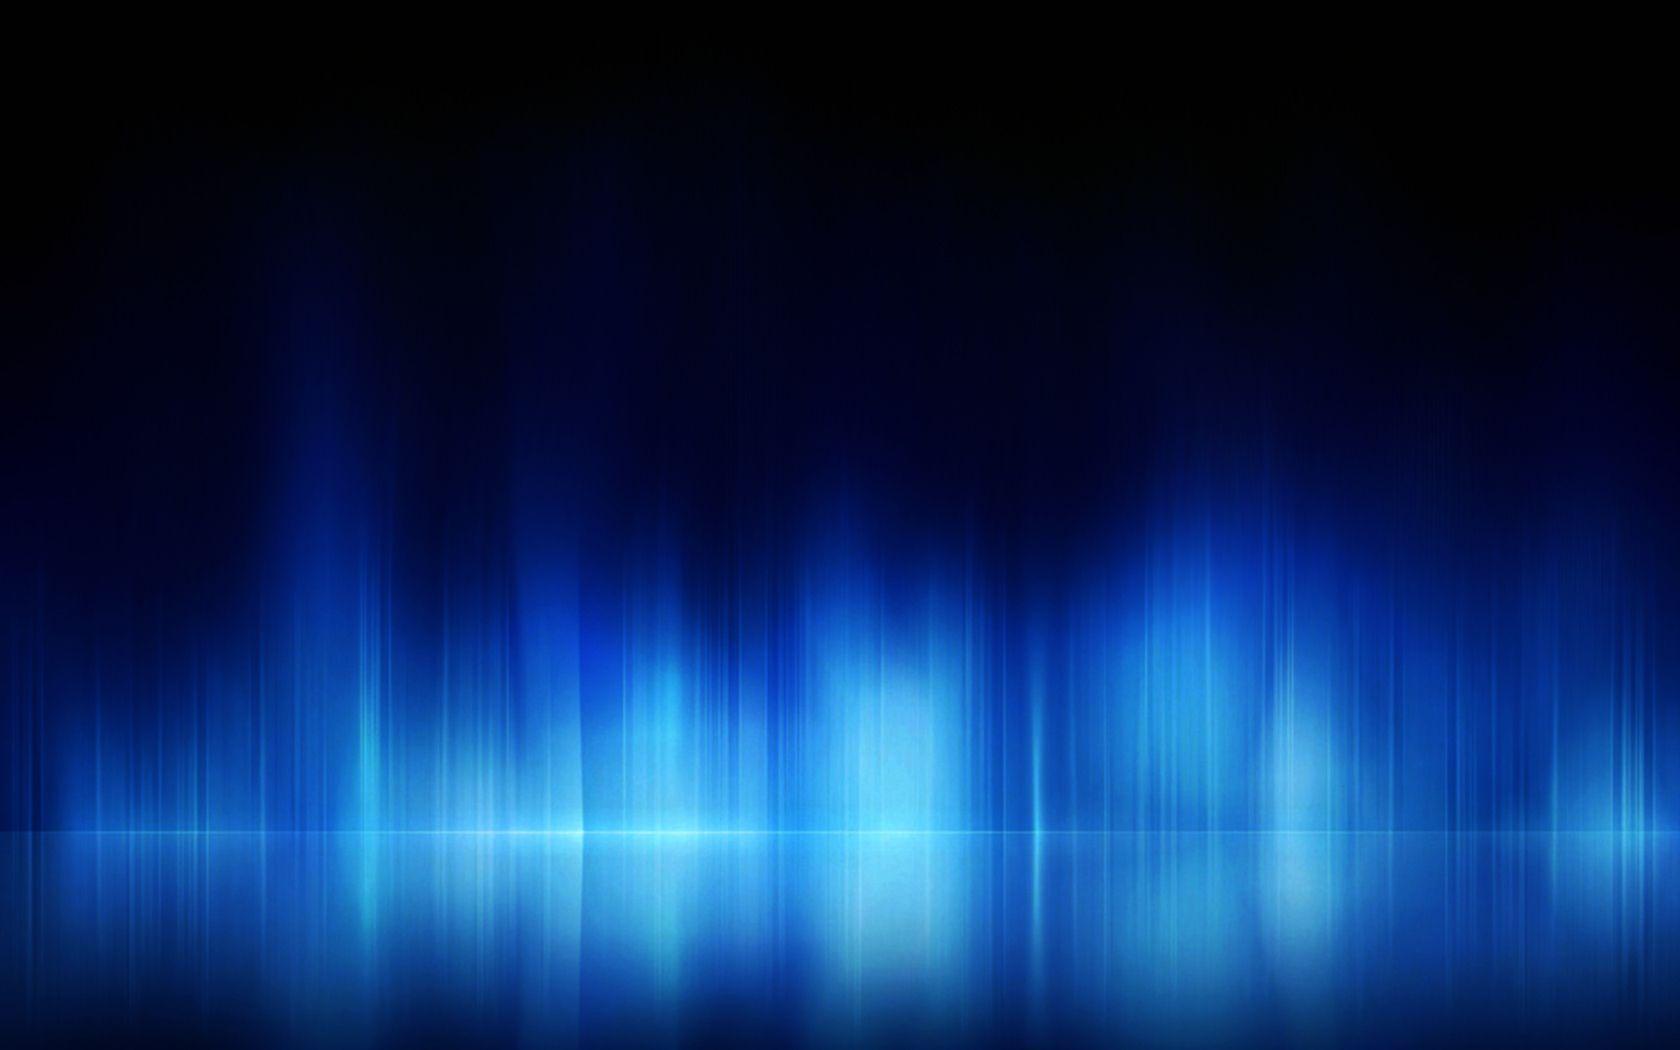 Dark Blue Backgrounds Image